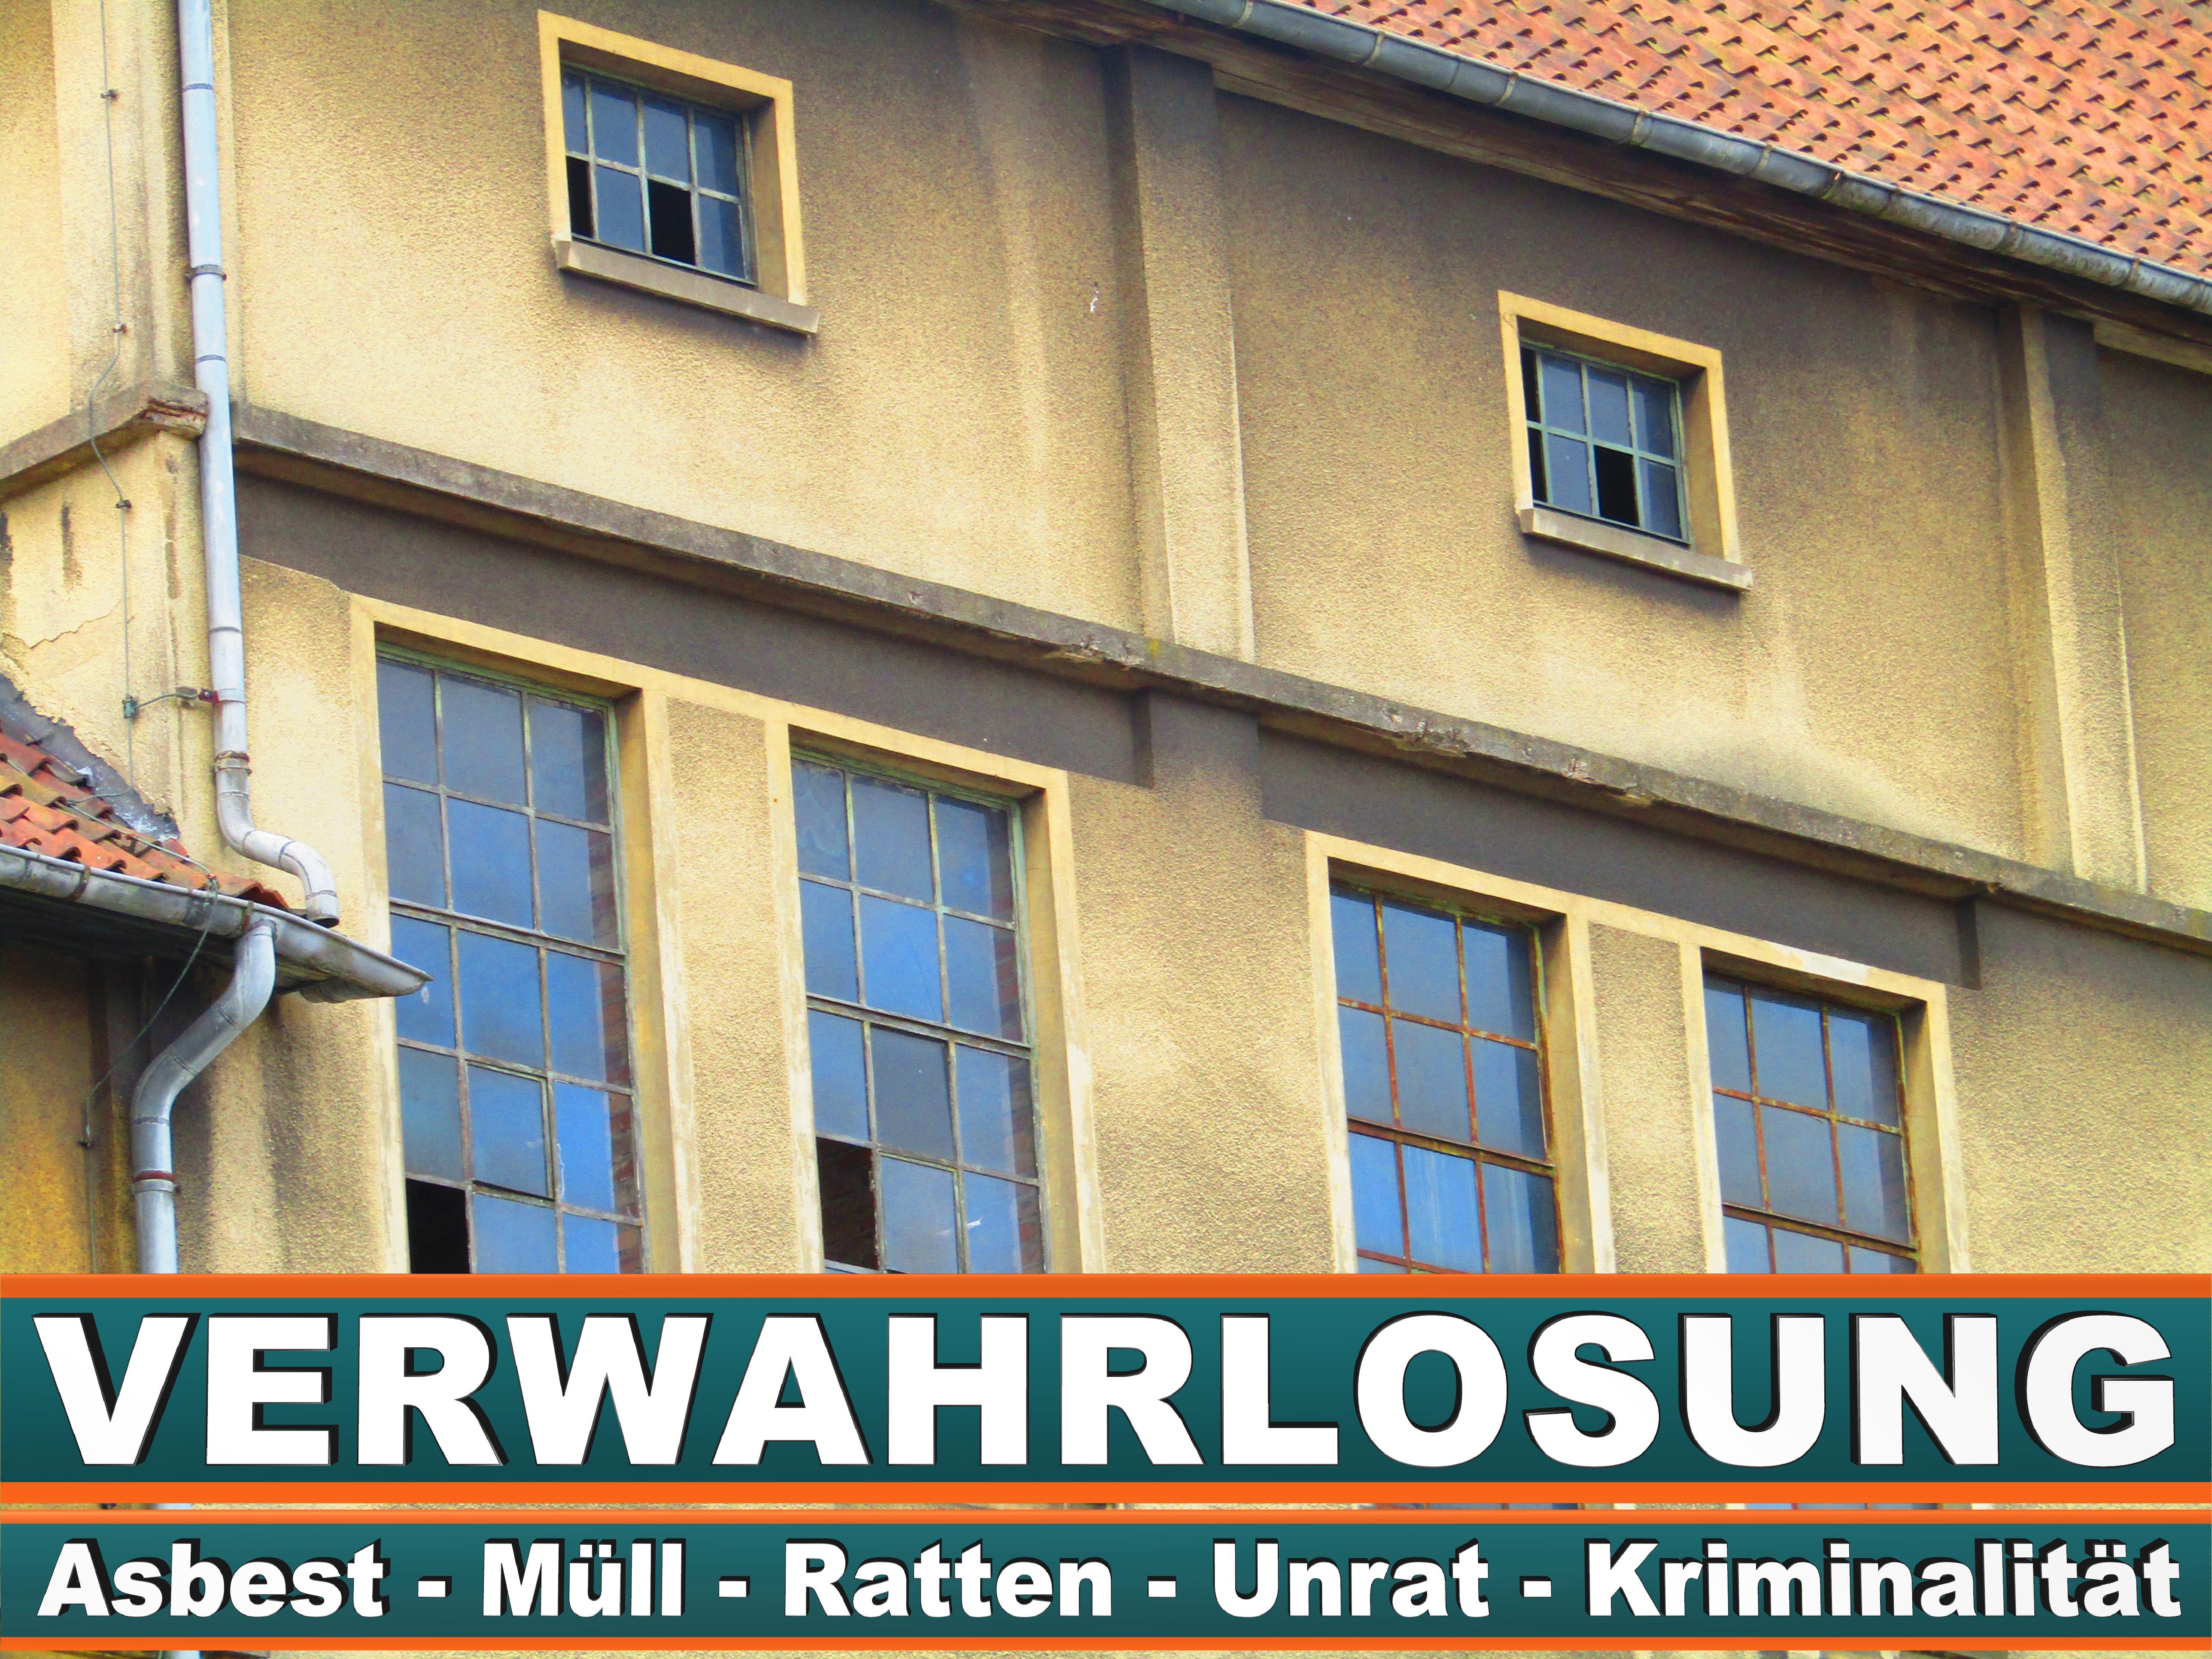 GEWÄCHSHÄUSER UND ZUBEHÖR HUNECKE GMBH HERMANN HUNECKE KRACKSER STR 12 BIELEFELD